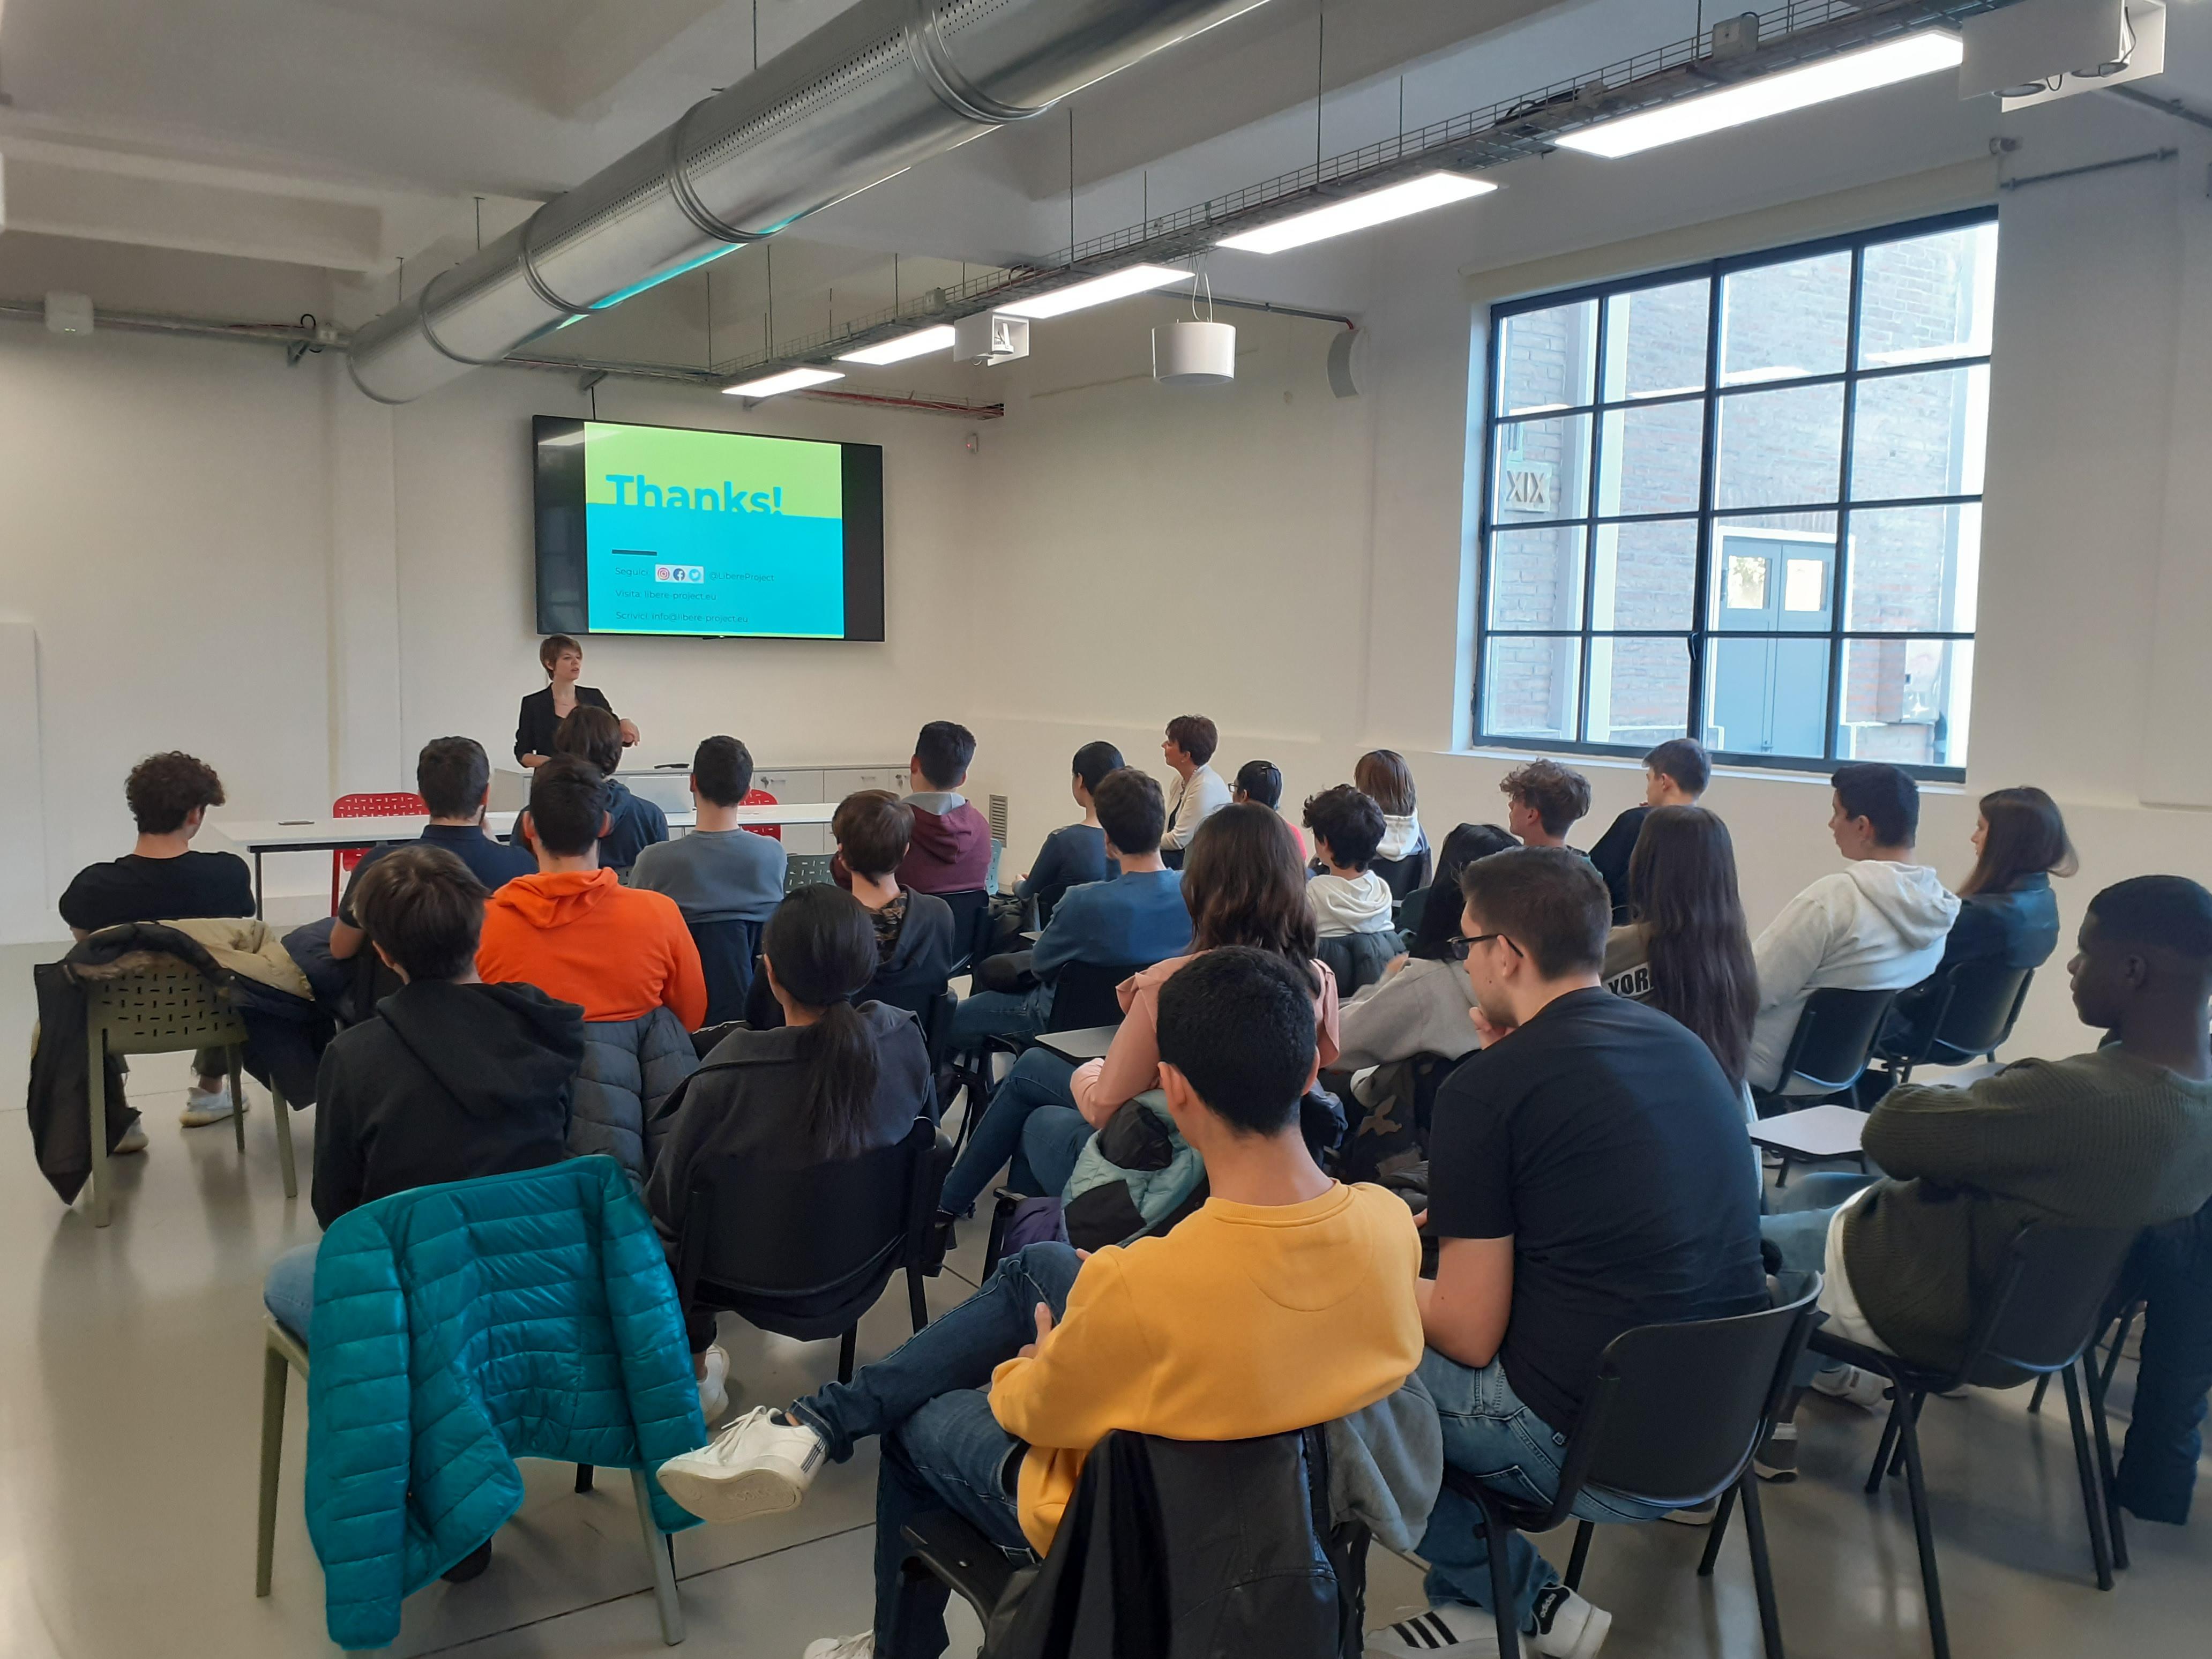 Una classe di giovani studenti assiste ad una lezione in Aula Formazione presso il Laboratorio Aperto